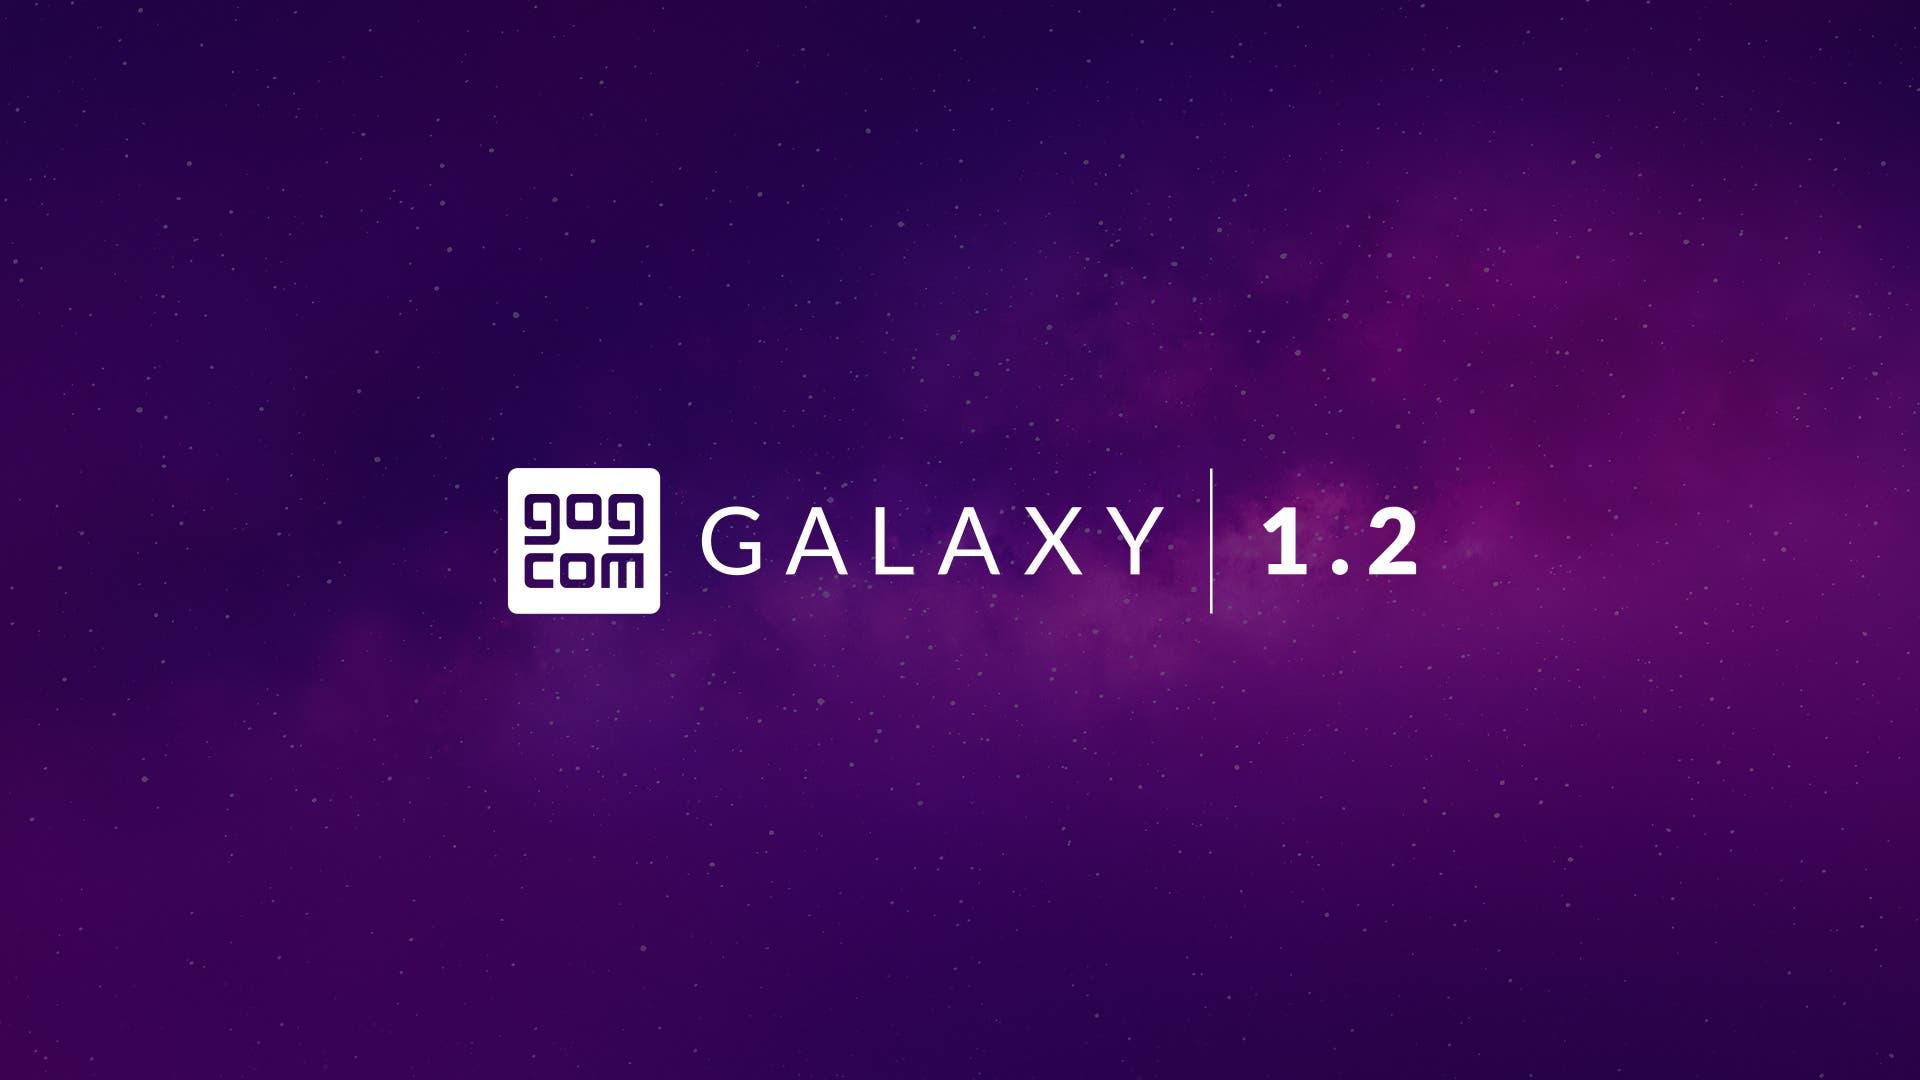 1920x1080 galaxy 1.2